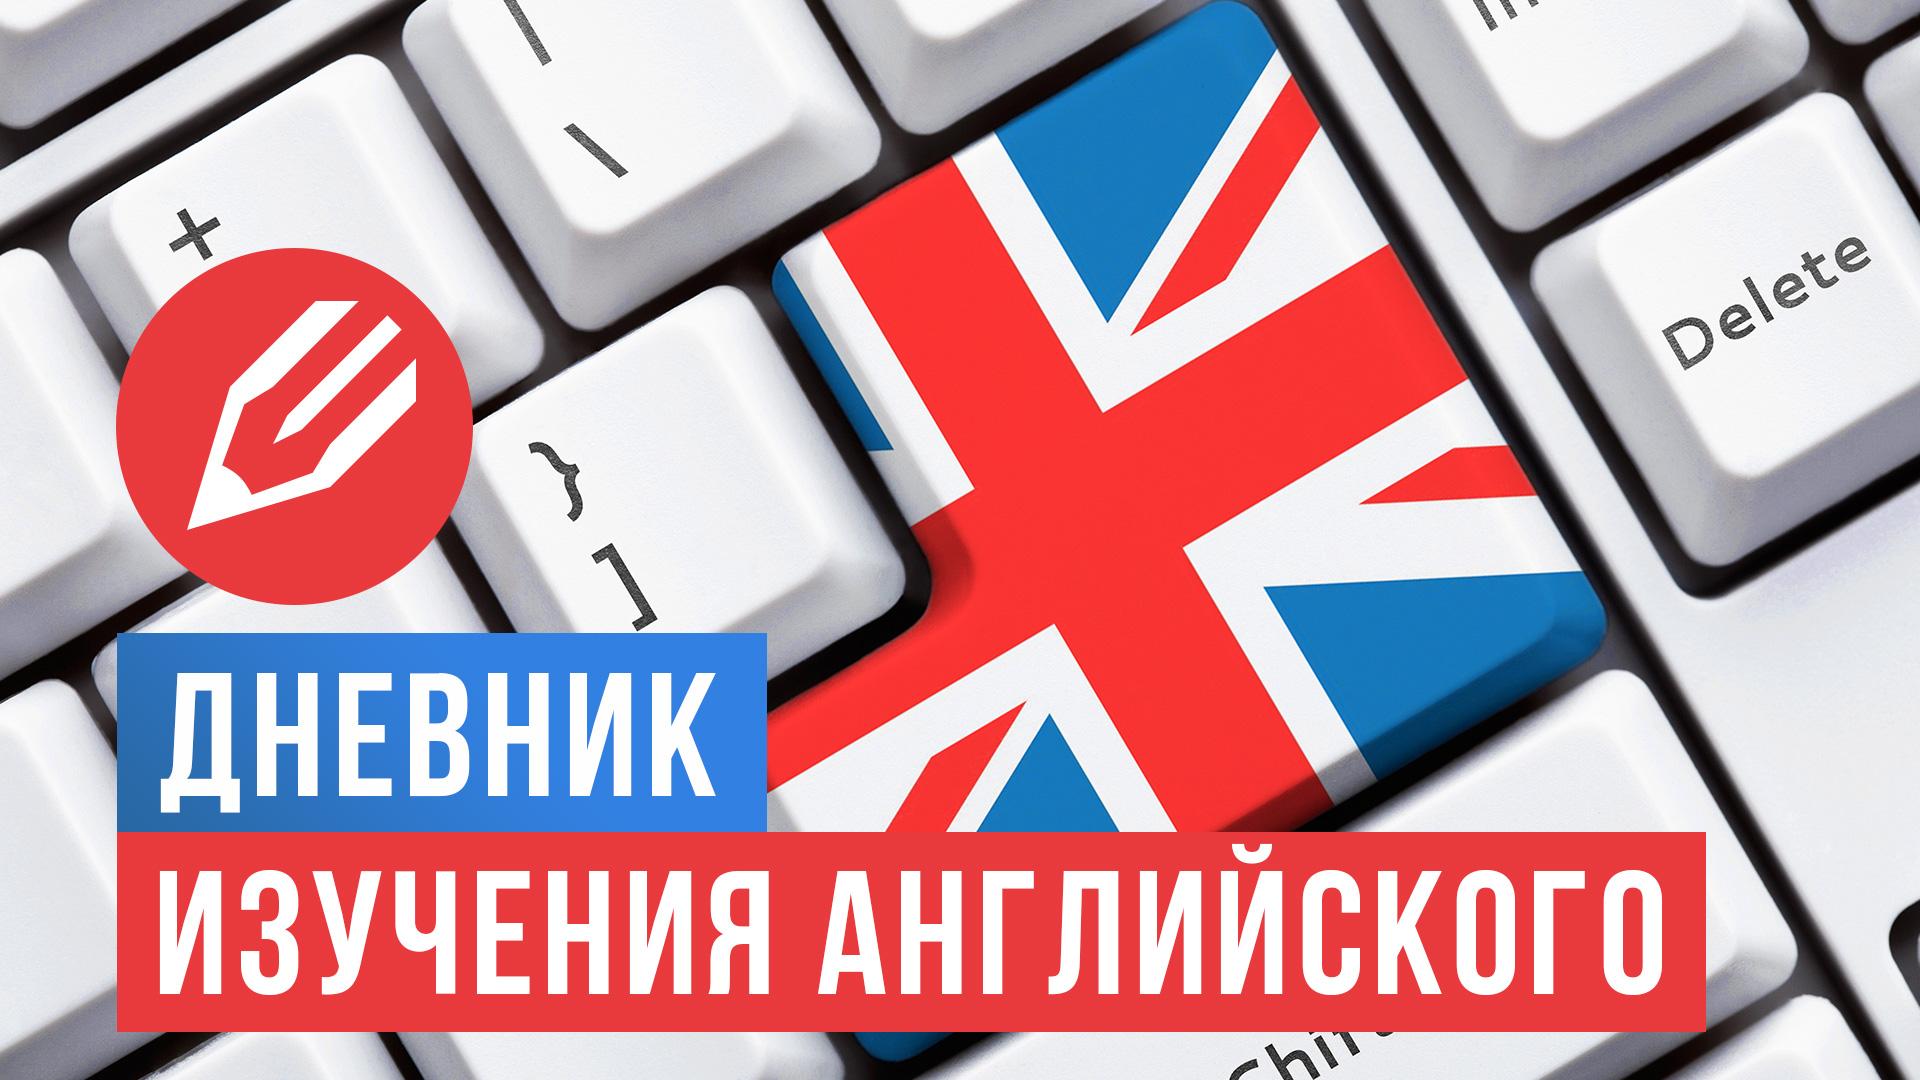 Дневник английского